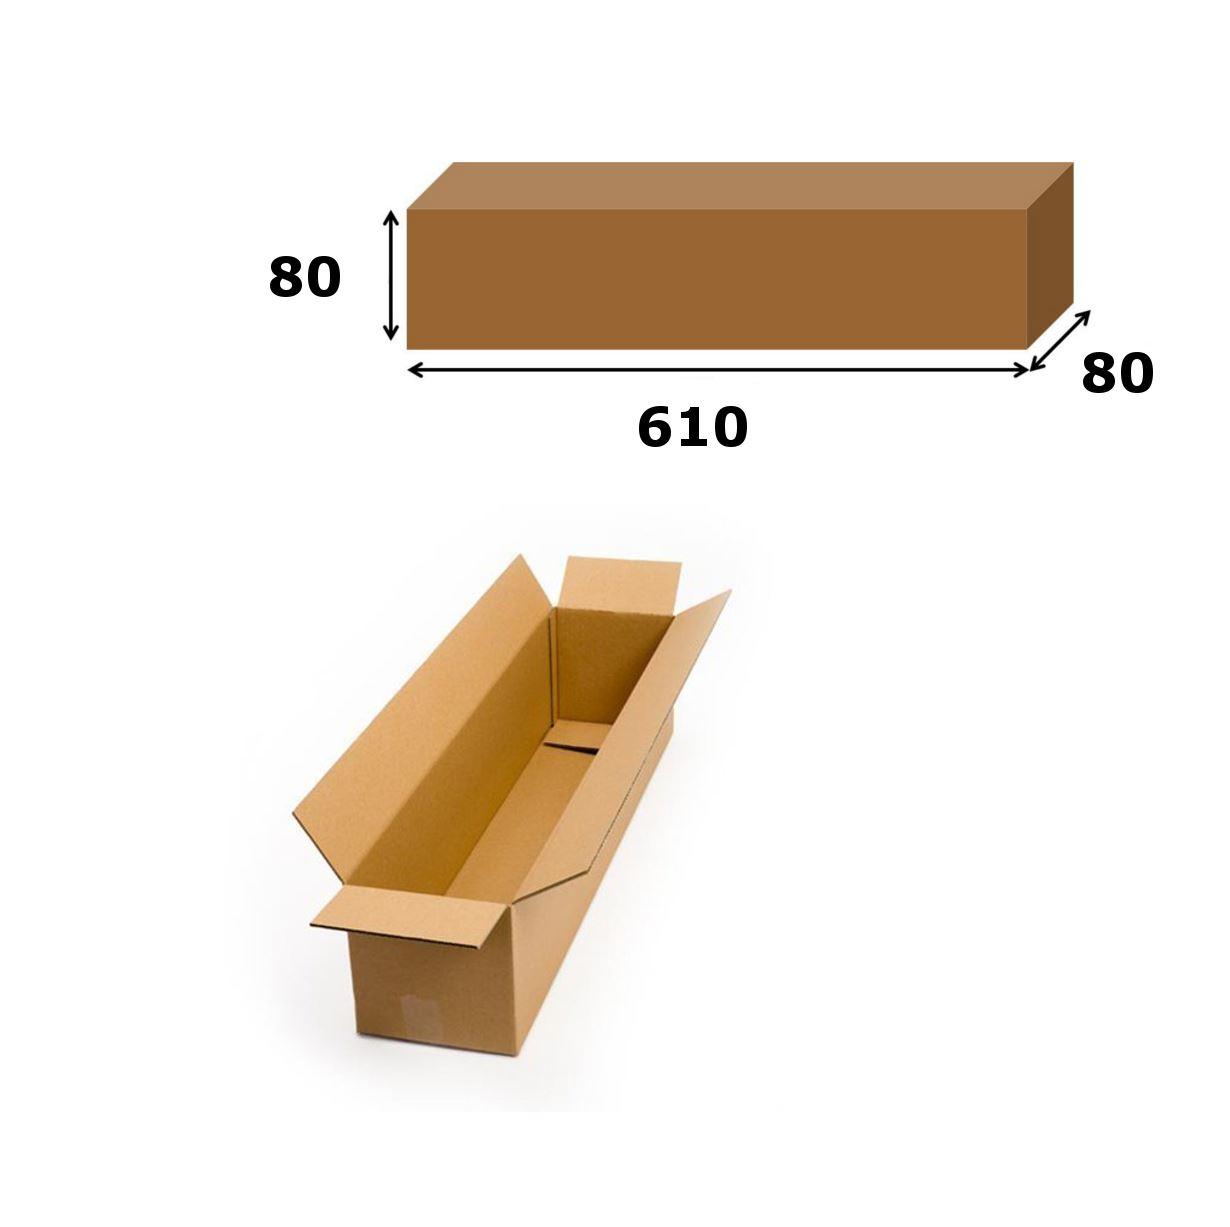 miniatura 6 - Embalaje de cajas de cartón postal de correo Caja de Envío Marrón todos los tamaños